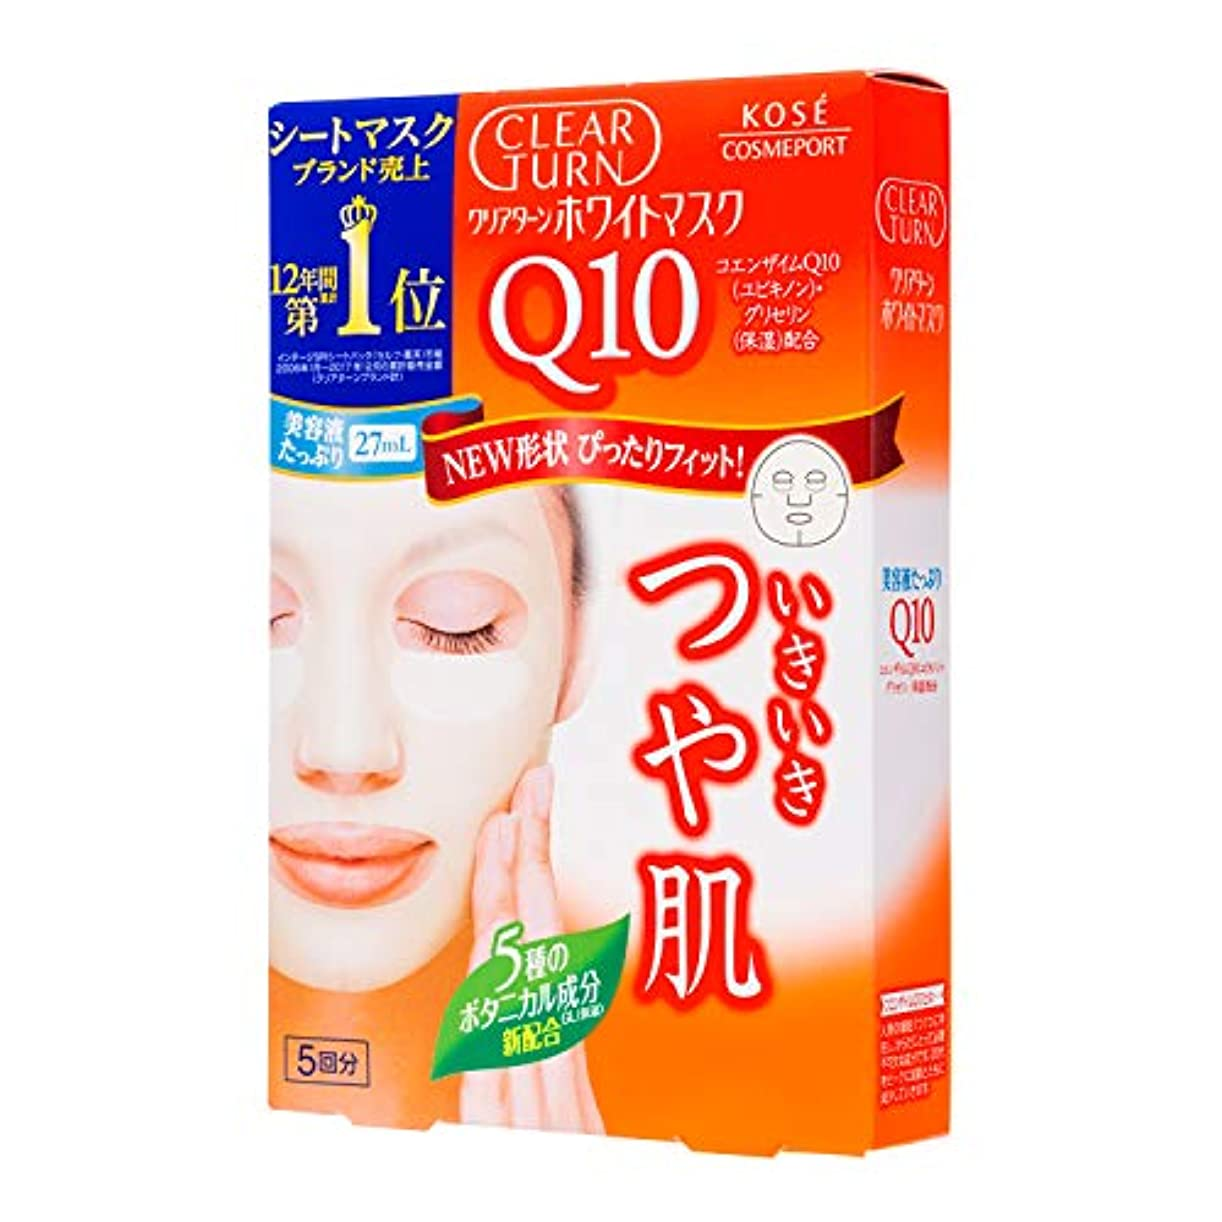 ばかげた熱心品種クリアターン ホワイト マスク Q10 c (コエンザイムQ10) 5回分